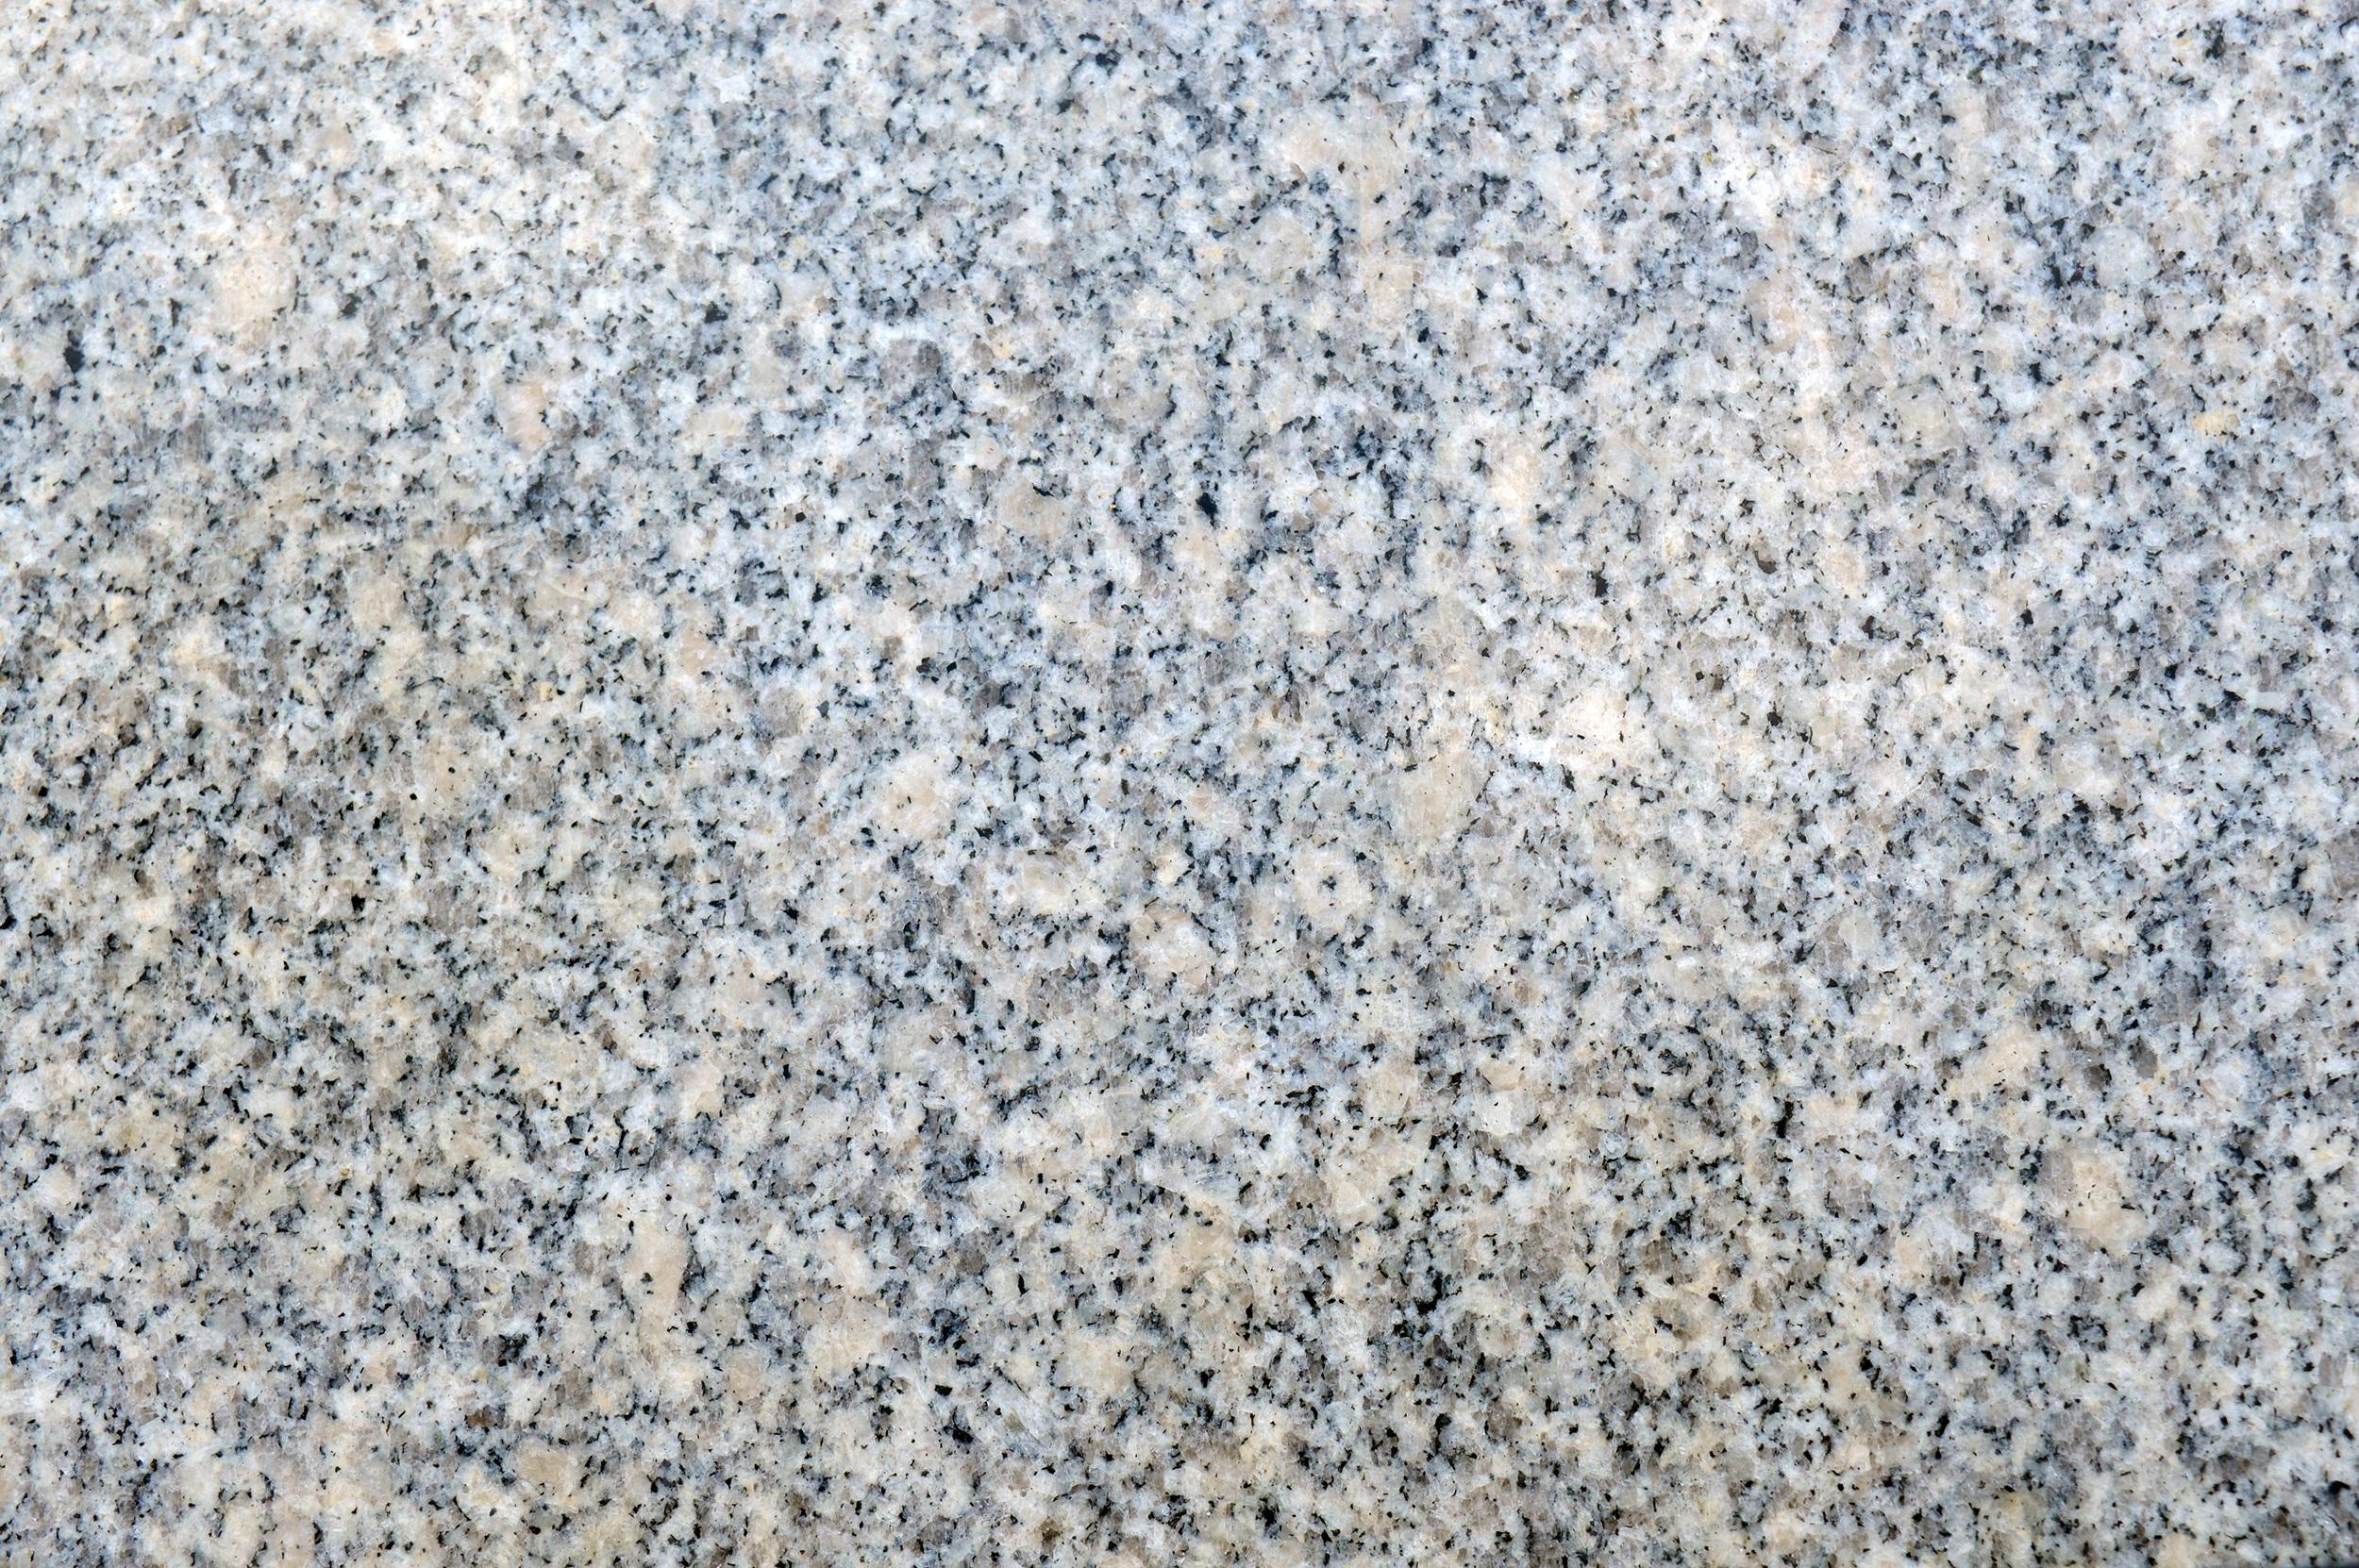 suelo azulejo material estufa fondo grava decorativo frente a fuerte slido el fa ade de la textura de piedra terminar textura de granito